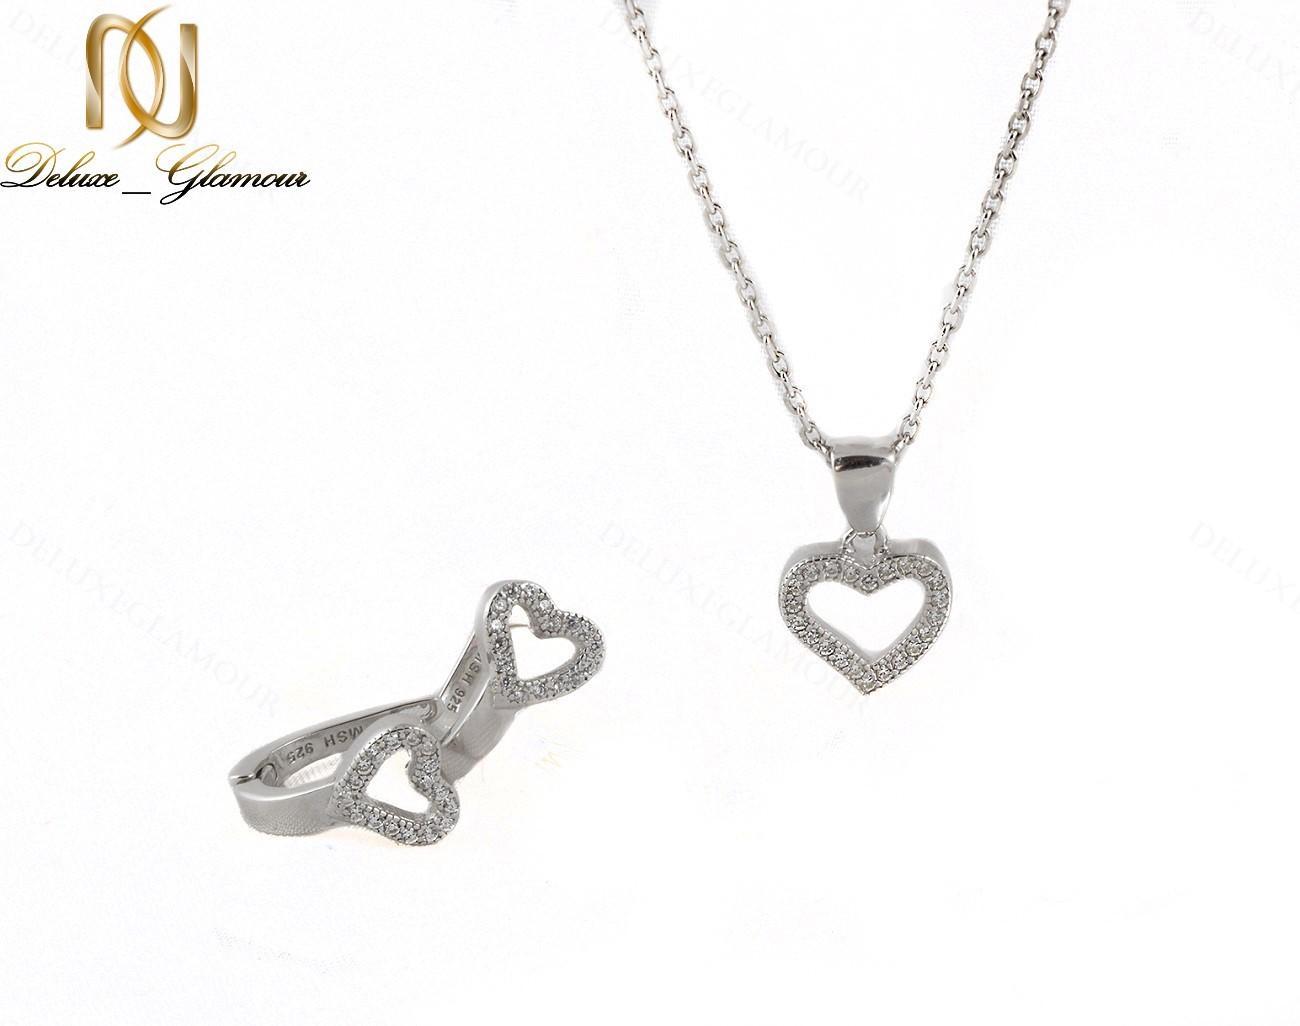 سرویس طرح قلب نقره دخترانه با برلیان اتمی اصل Se-n135 - گوشواره و گردنبند